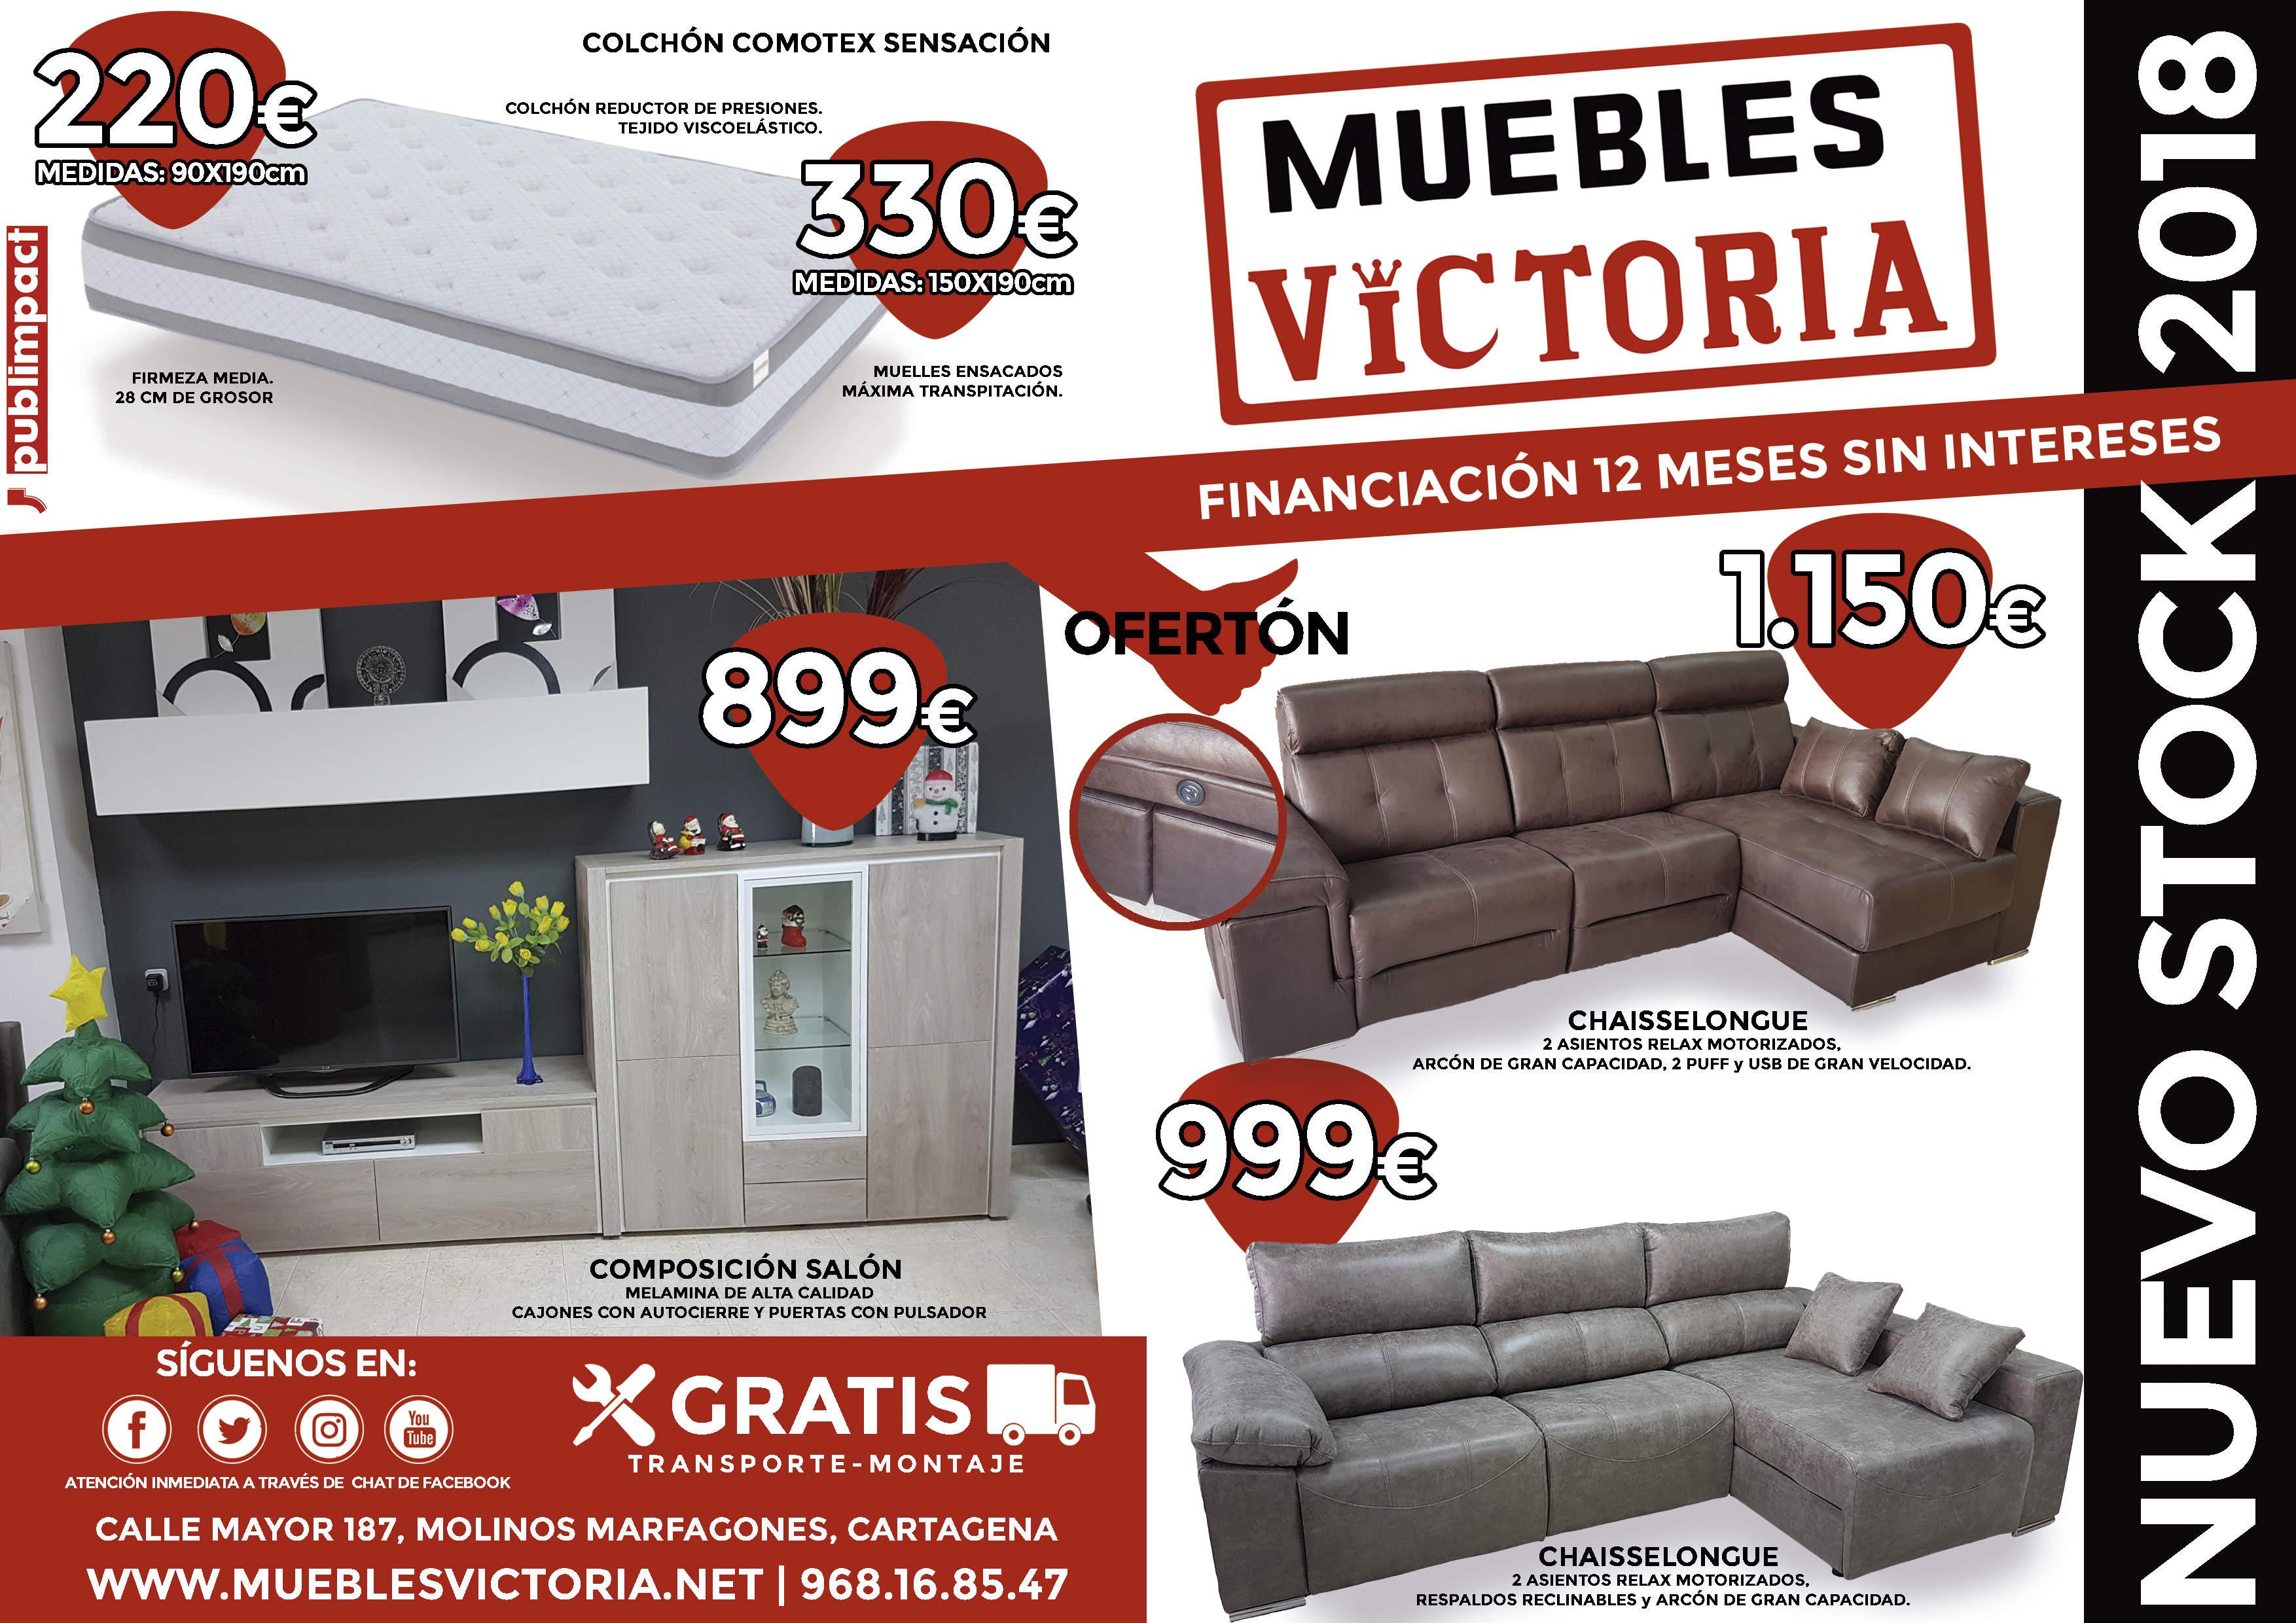 Muebles Baratos En Murcia Muebles Tv Baratos Murcia Mueble  # Muebles Murcia Baratos